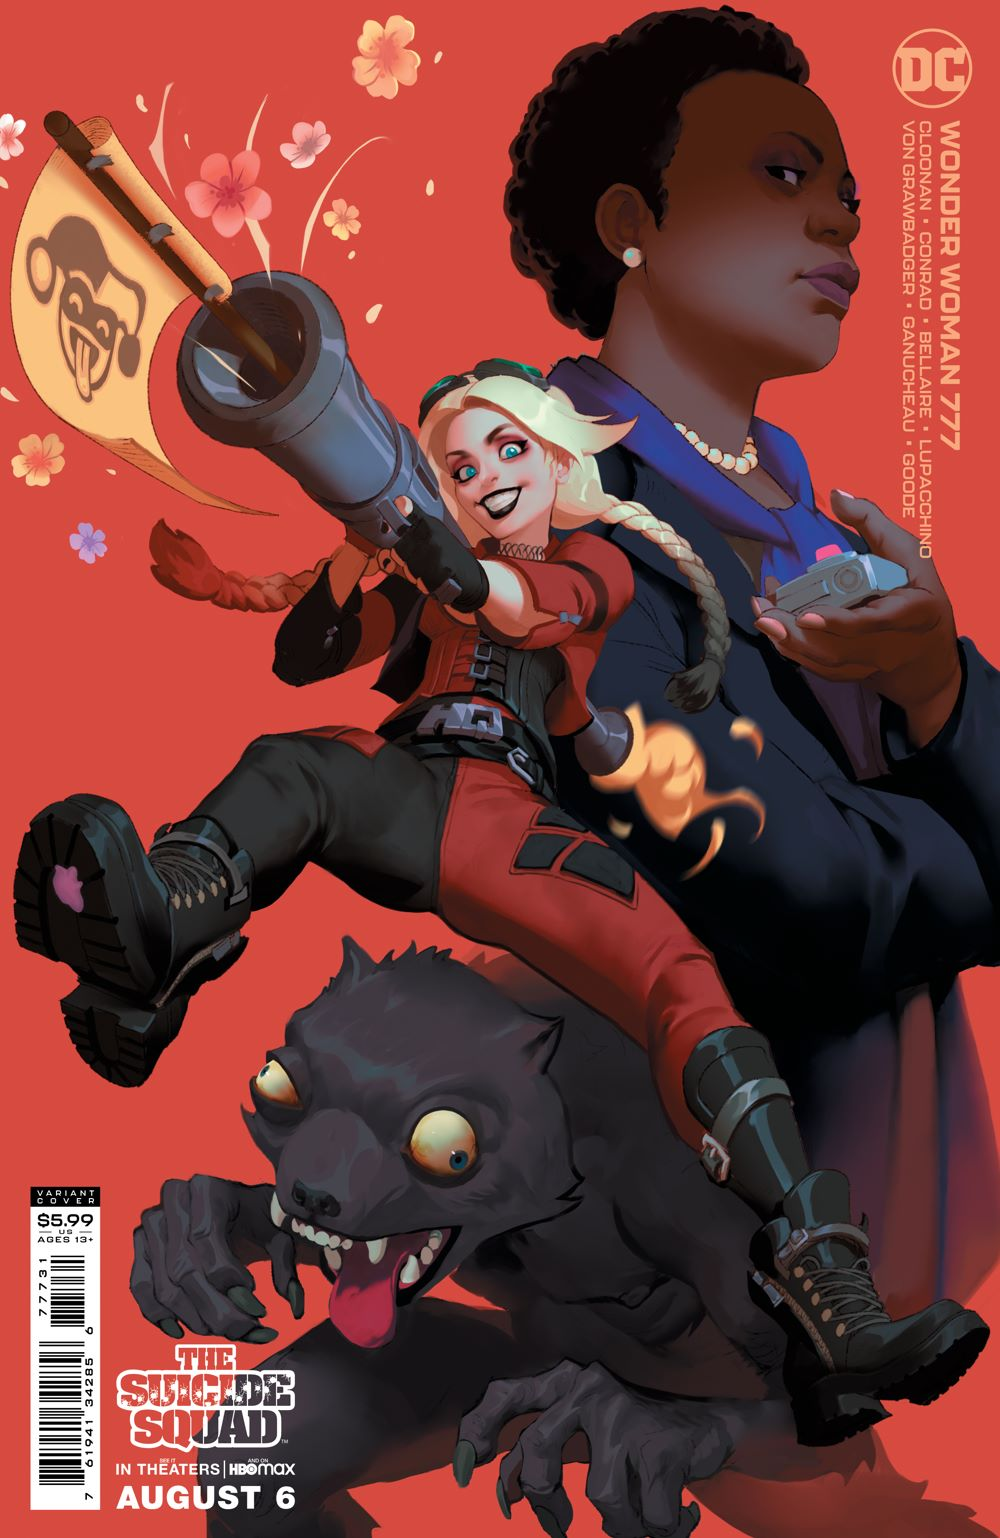 WW_Cv777_SSMOVIE_var_77731 DC Comics August 2021 Solicitations